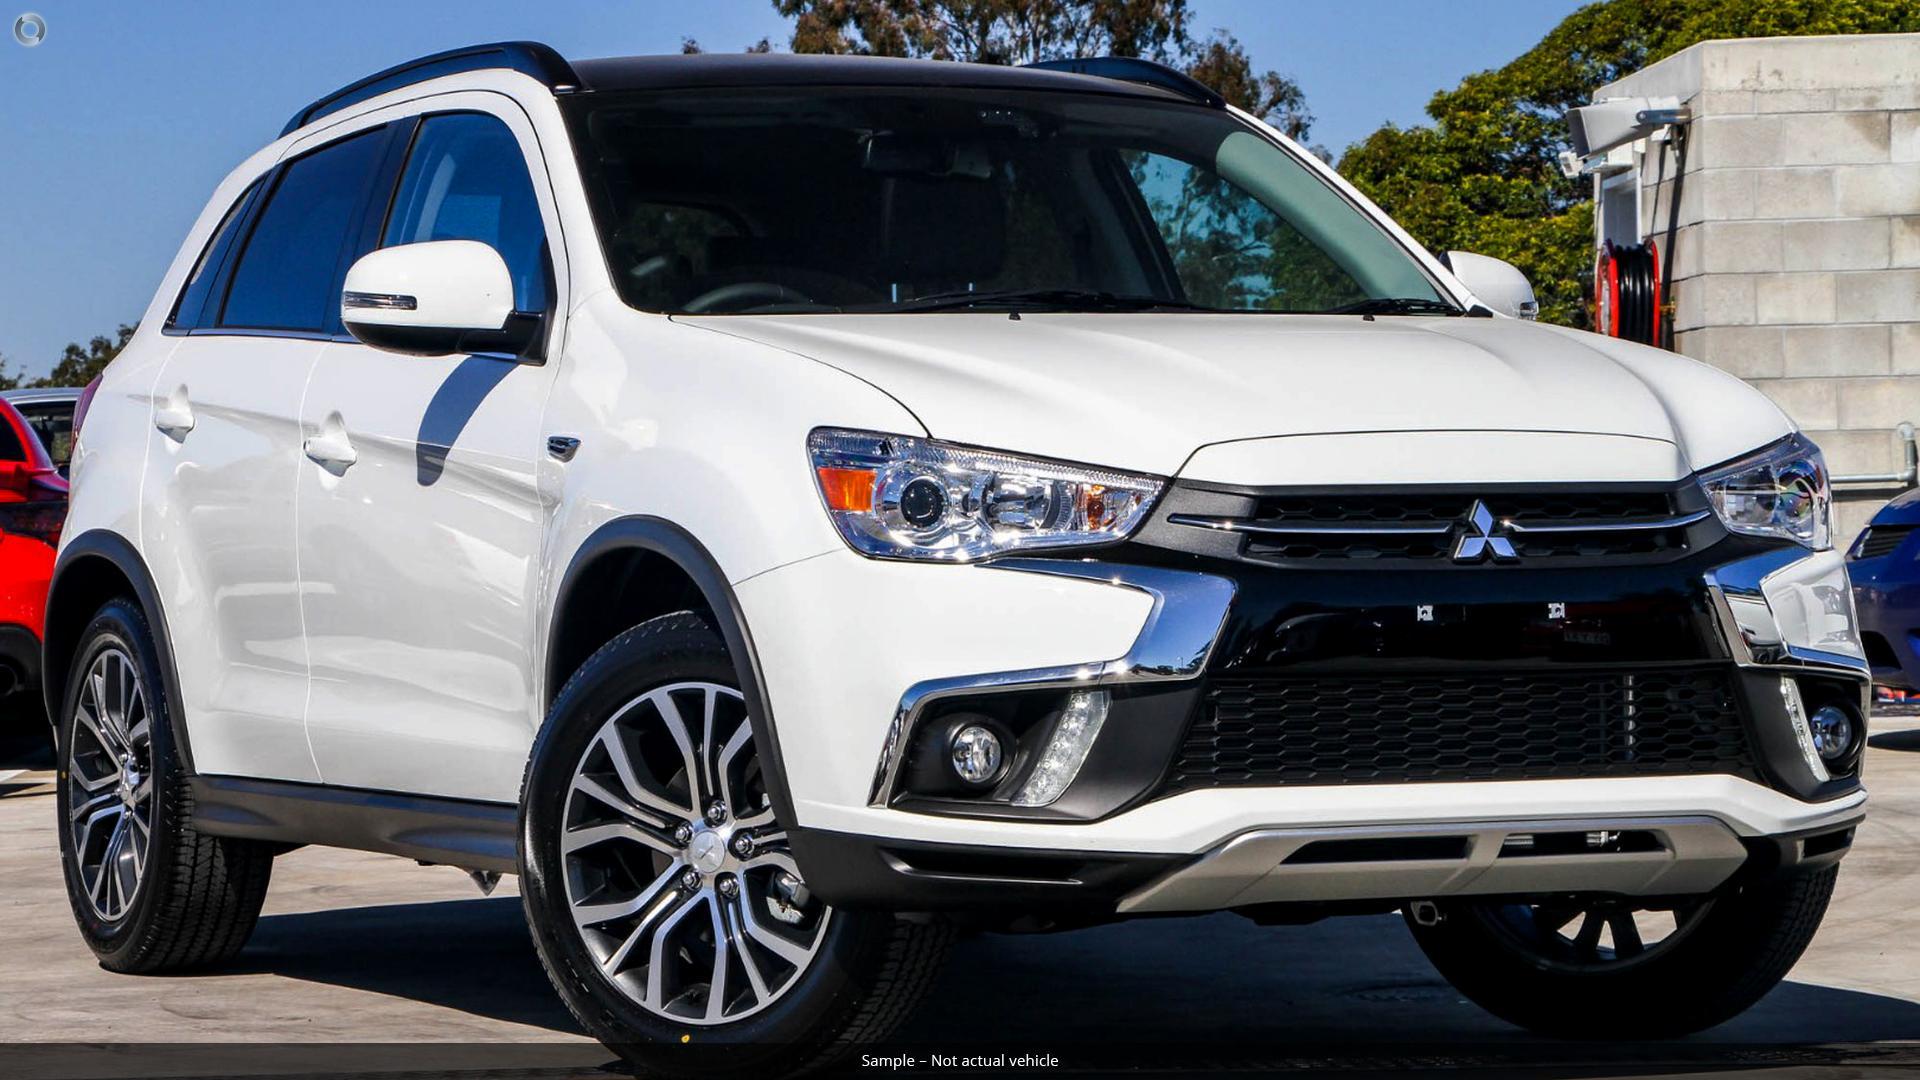 2019 Mitsubishi Asx Exceed XC